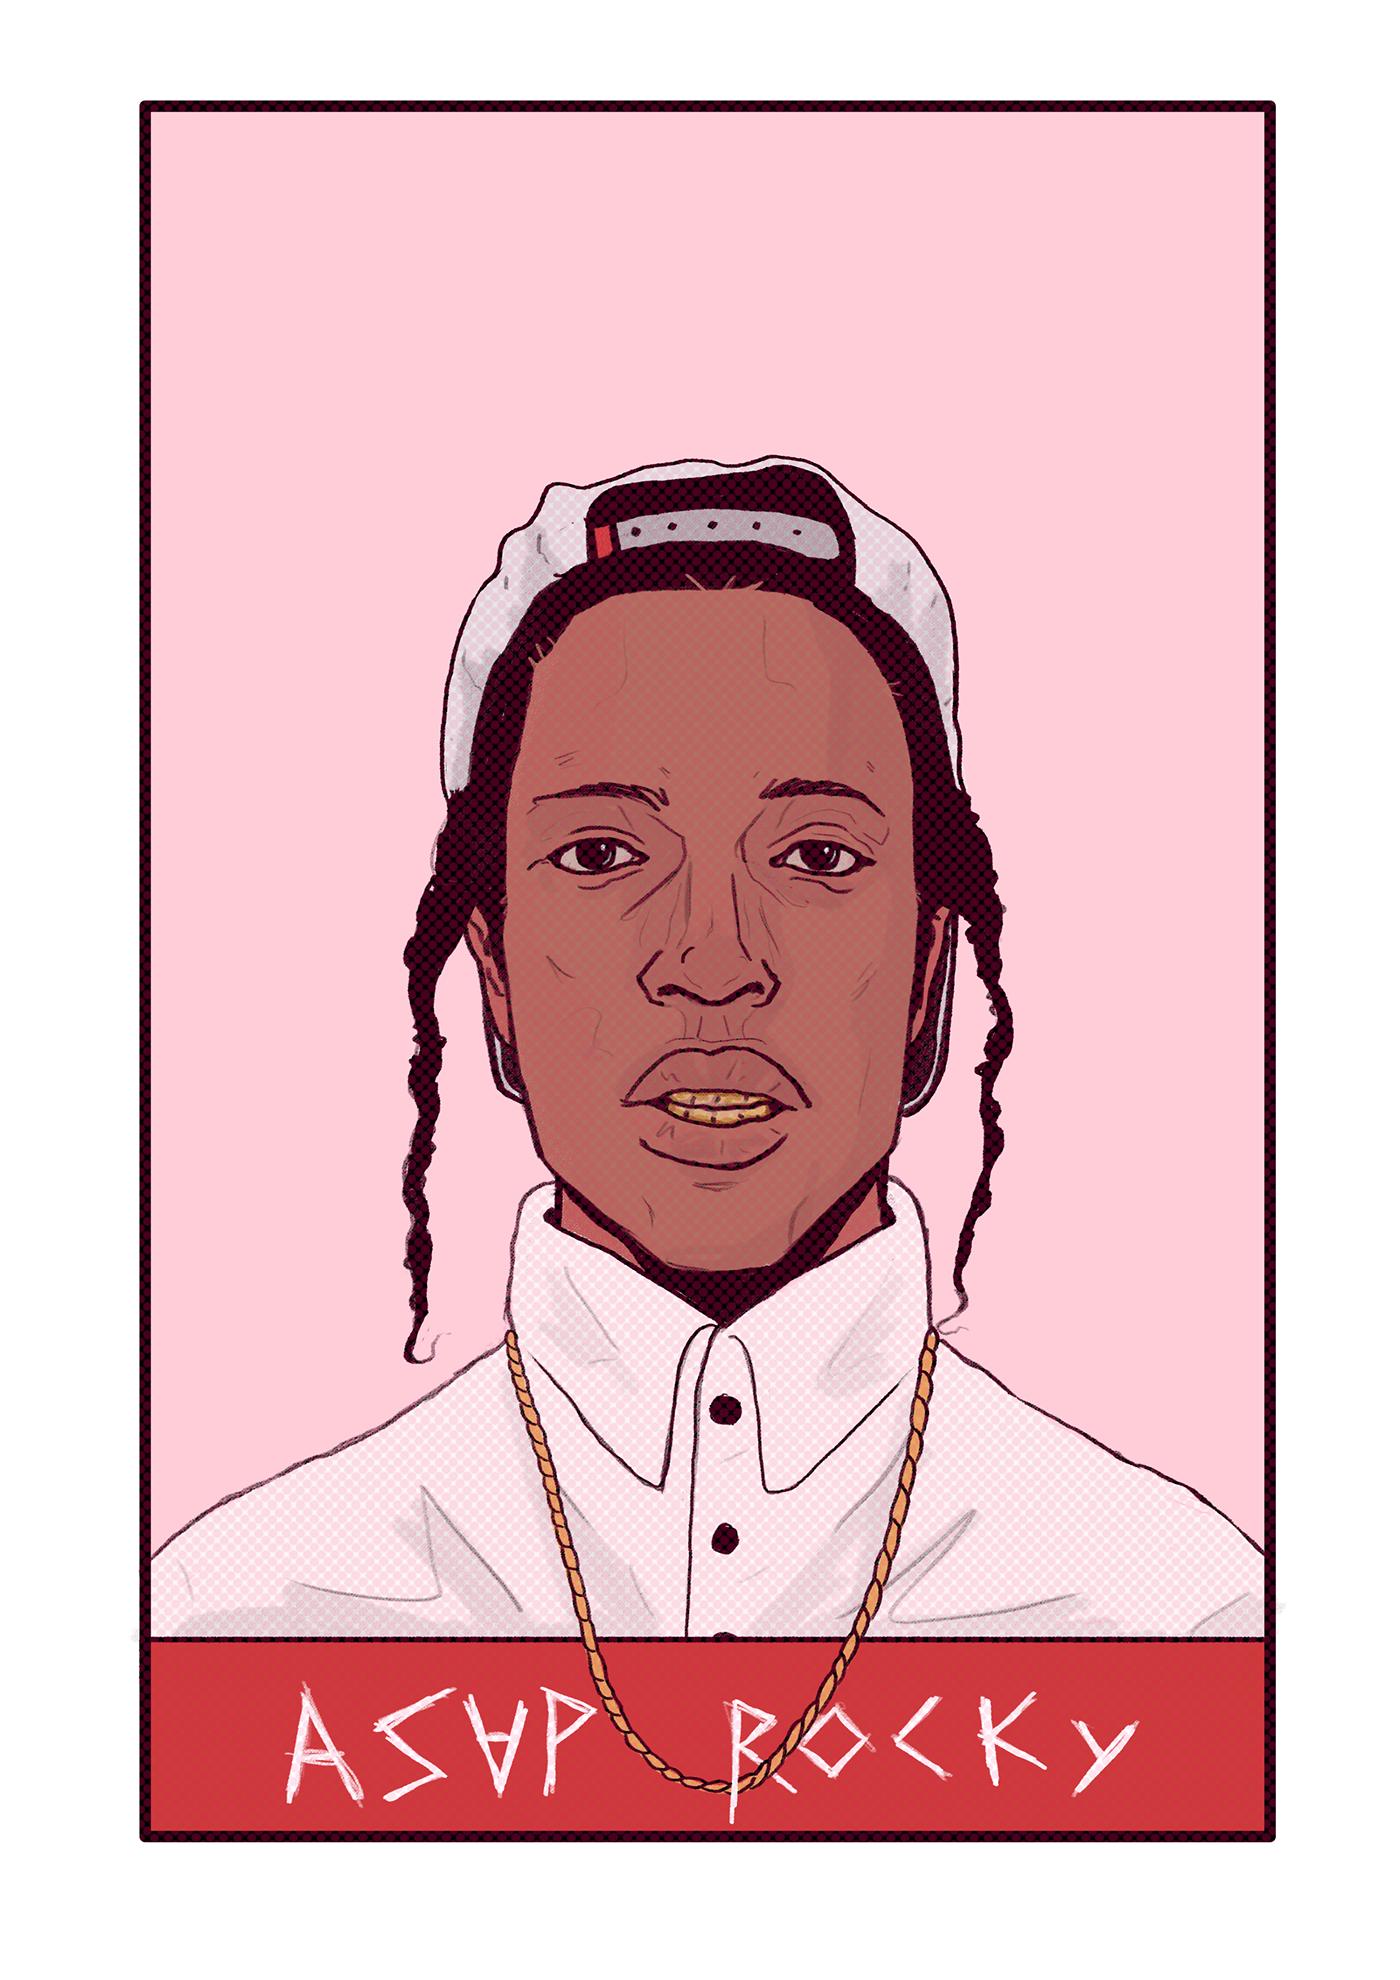 A$AP Rocky. Asap Rocky